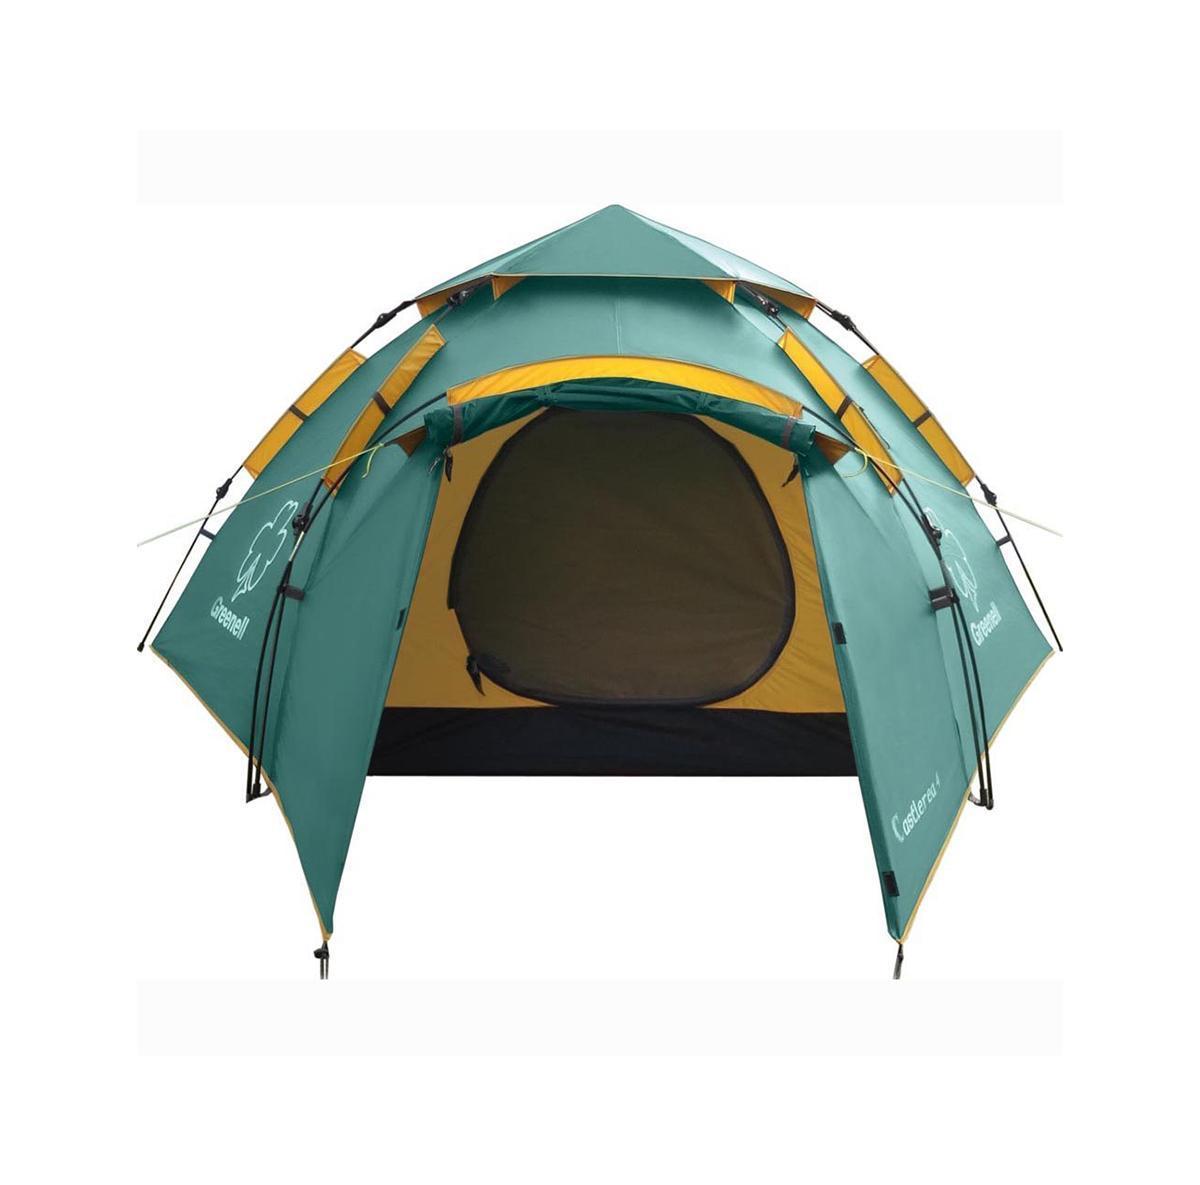 Палатка Greenell Каслрей 4 Green95283-303-00Максимально места на одного человека при минимальном весе палатки Кемпинговая палатка с полуавтоматическим каркасом. Установка за 1 минуту. Двухслойнаяпалатка с дополнительной дугой для тамбура. Один тамбур и два входа. Внутренняя палатка итент устанавливаются одновременно. Легко ставиться одним человеком. Минимум времени дляустановки и сборки. Q-образный вход продублирован сеткой. Улучшенная сквозная вентиляция.Проклеенные швы. Облегченная регулировка оттяжек со световозвращающей нитью. Цвет: Зеленый. Сезон: лето.